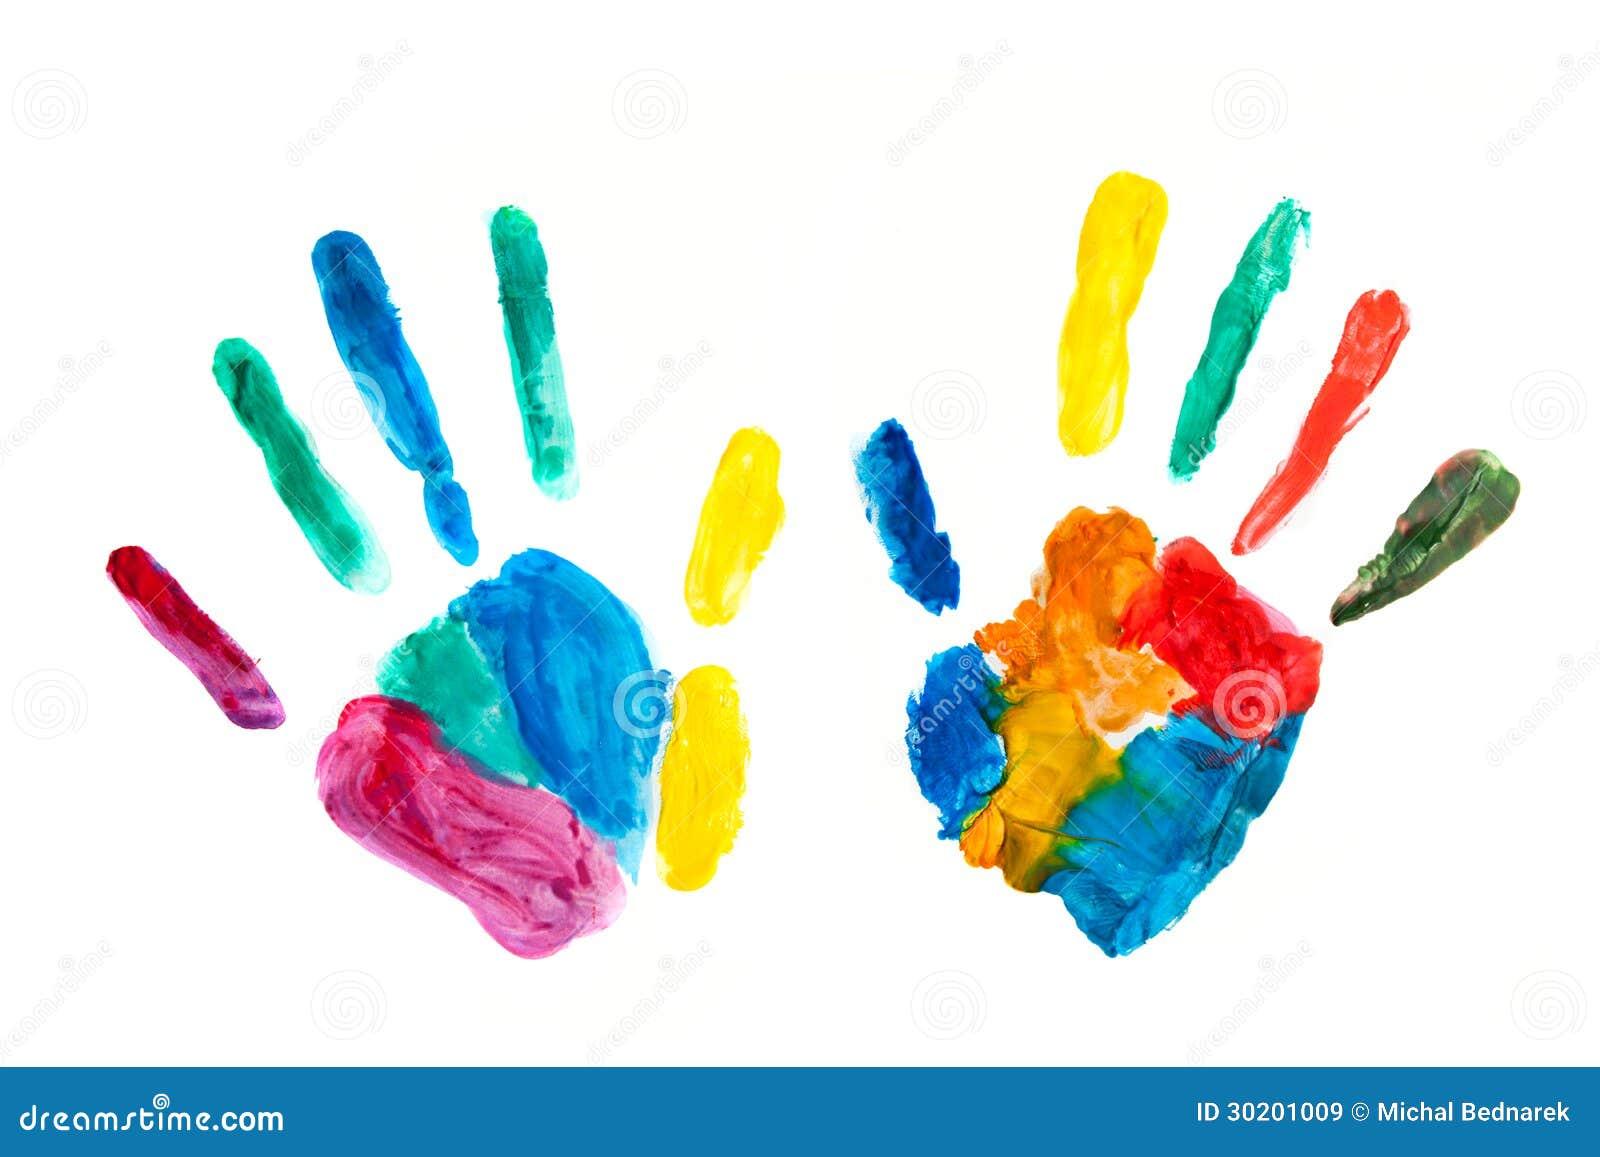 manos pintadas sellado en el papel diversi243n colorida